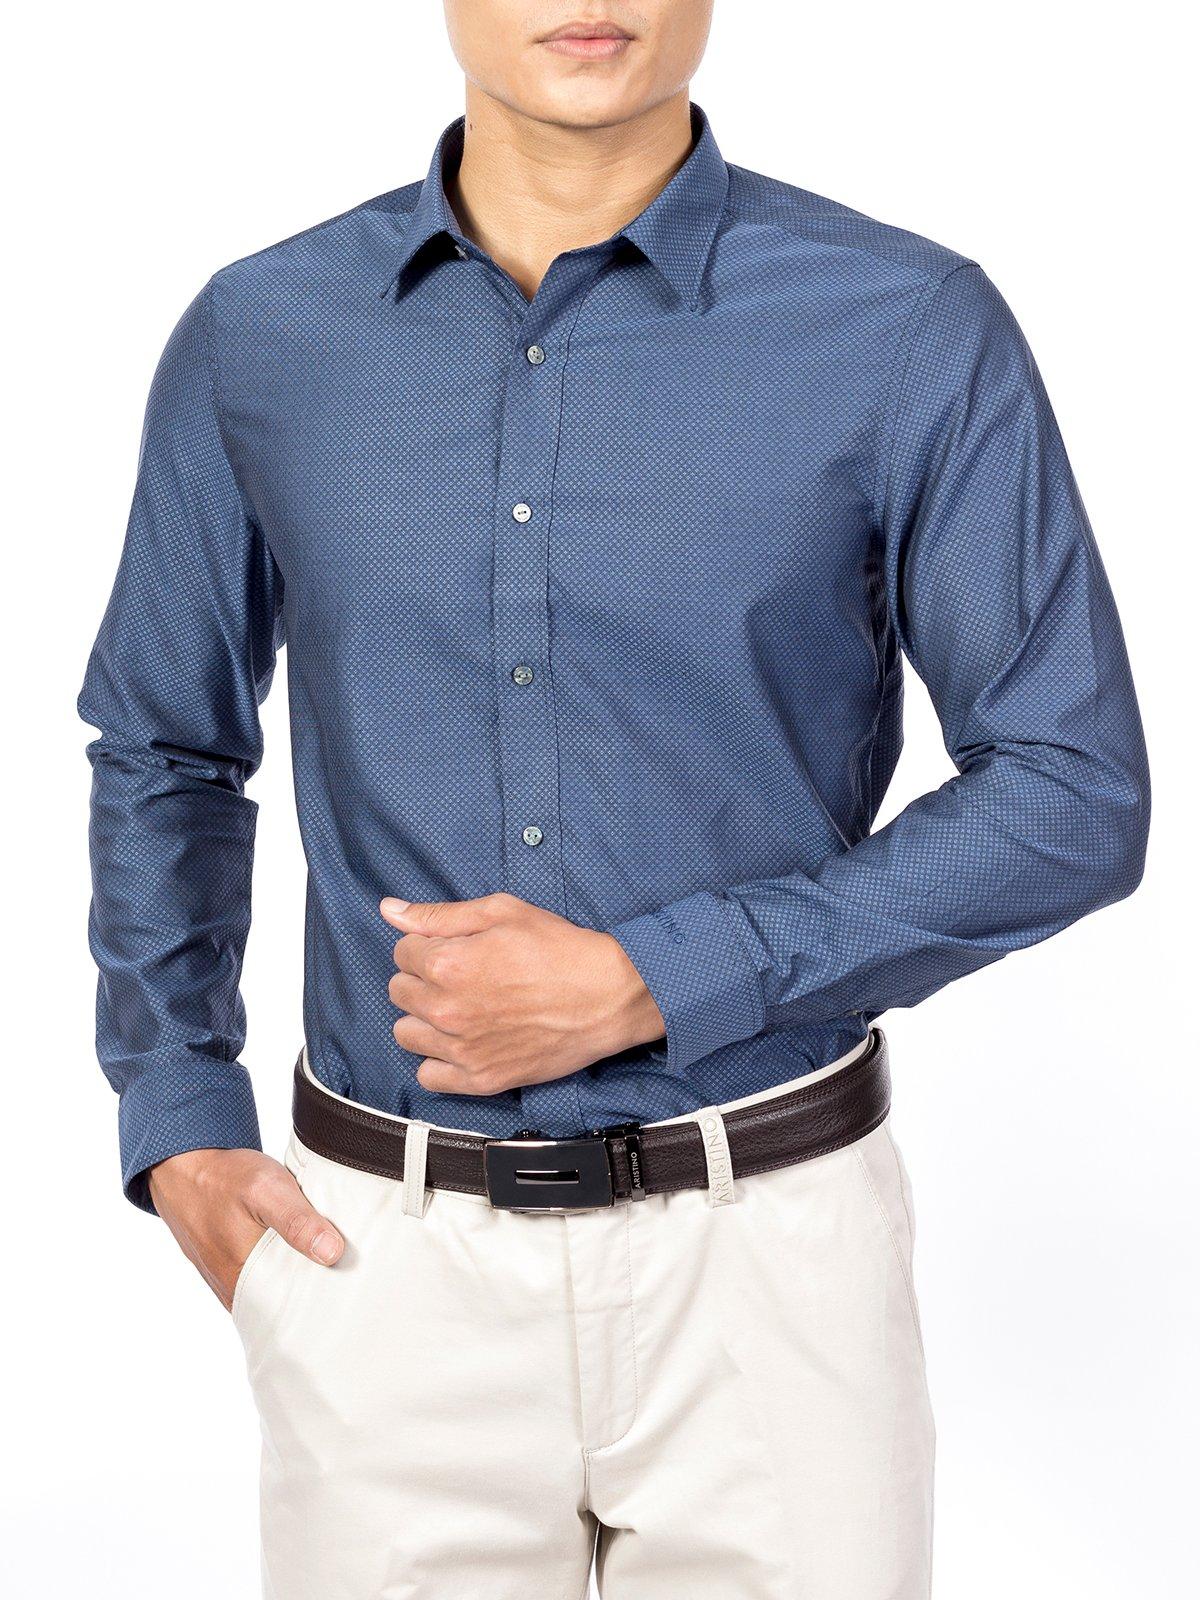 Sơ mi nam dài tay xanh dệt hoa ARISTINO ALSW17-CO01